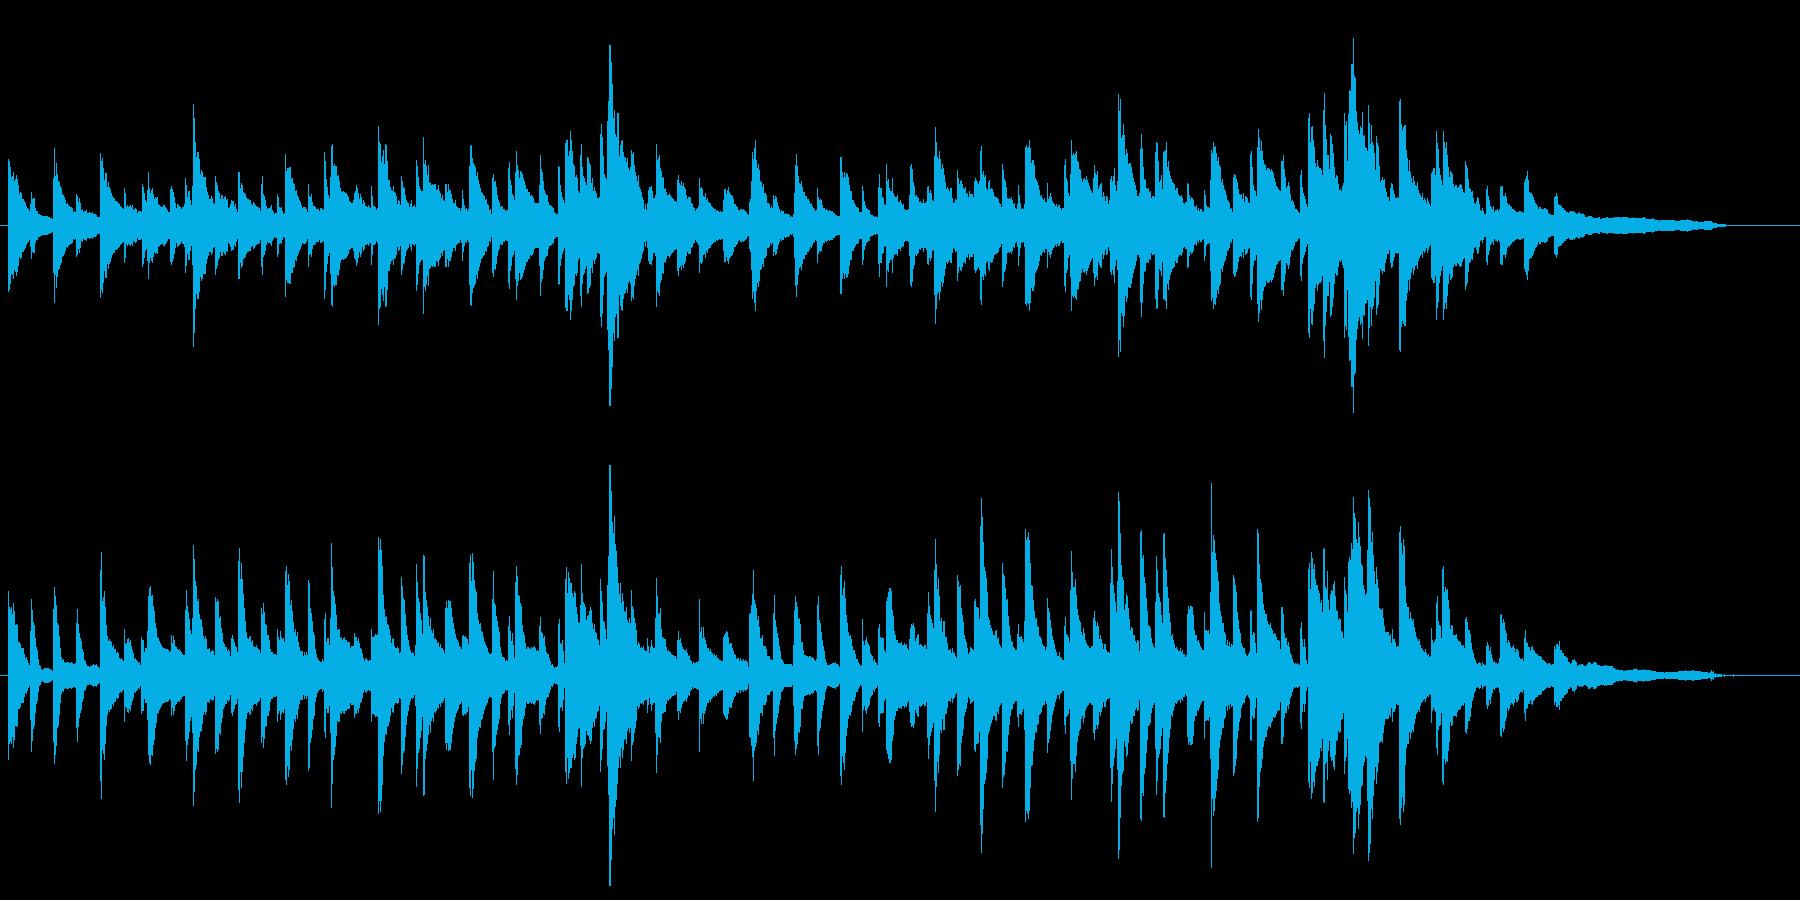 穏やかなピアノソロ曲の再生済みの波形